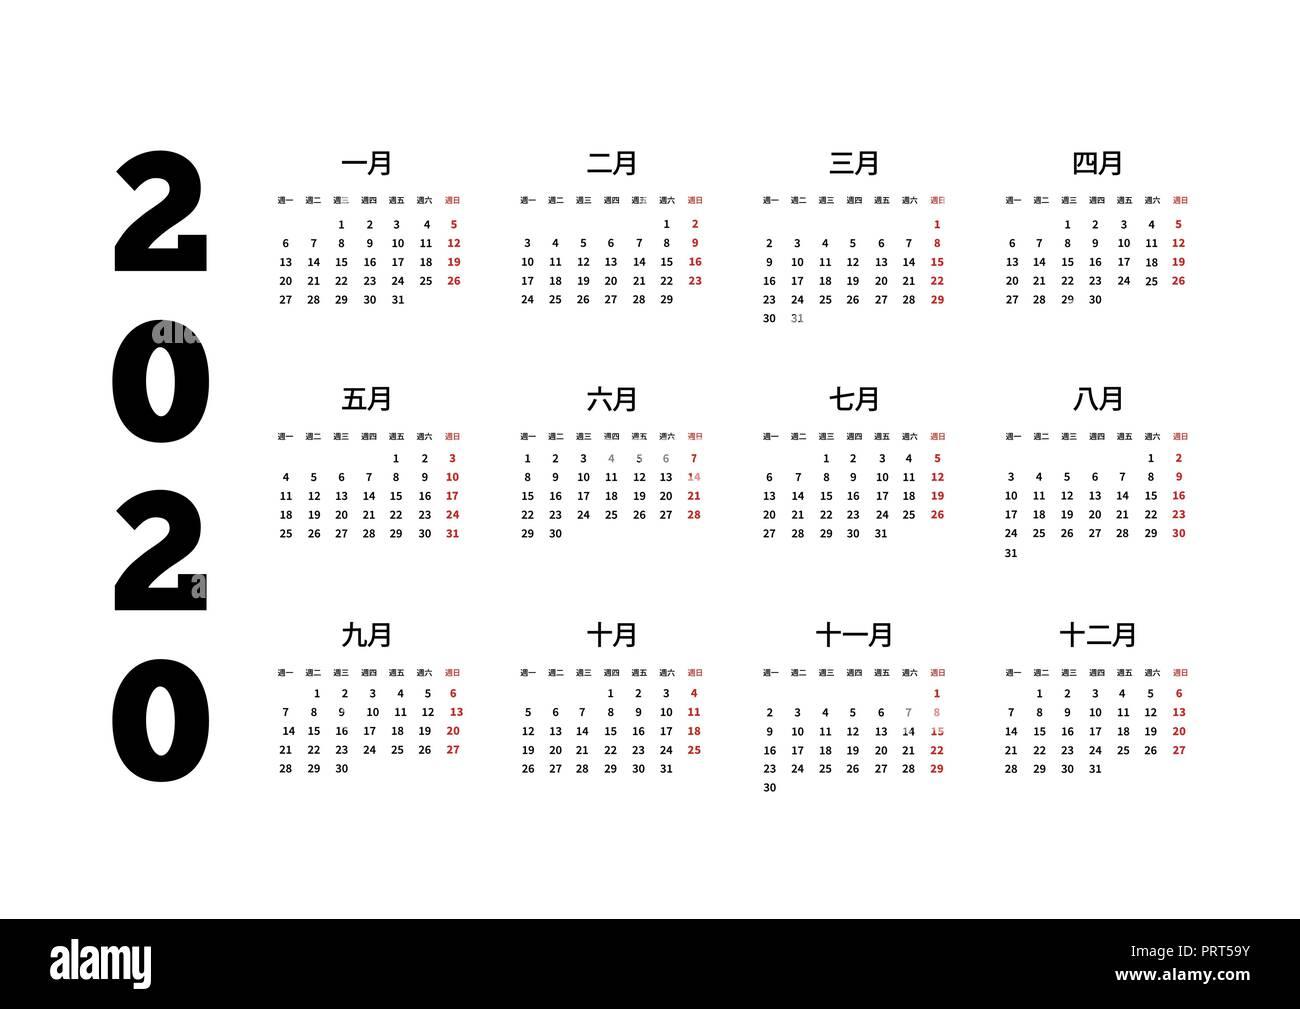 2020 Calendario Cinese.2020 Anno Di Calendario Semplice Sulla Lingua Cinese